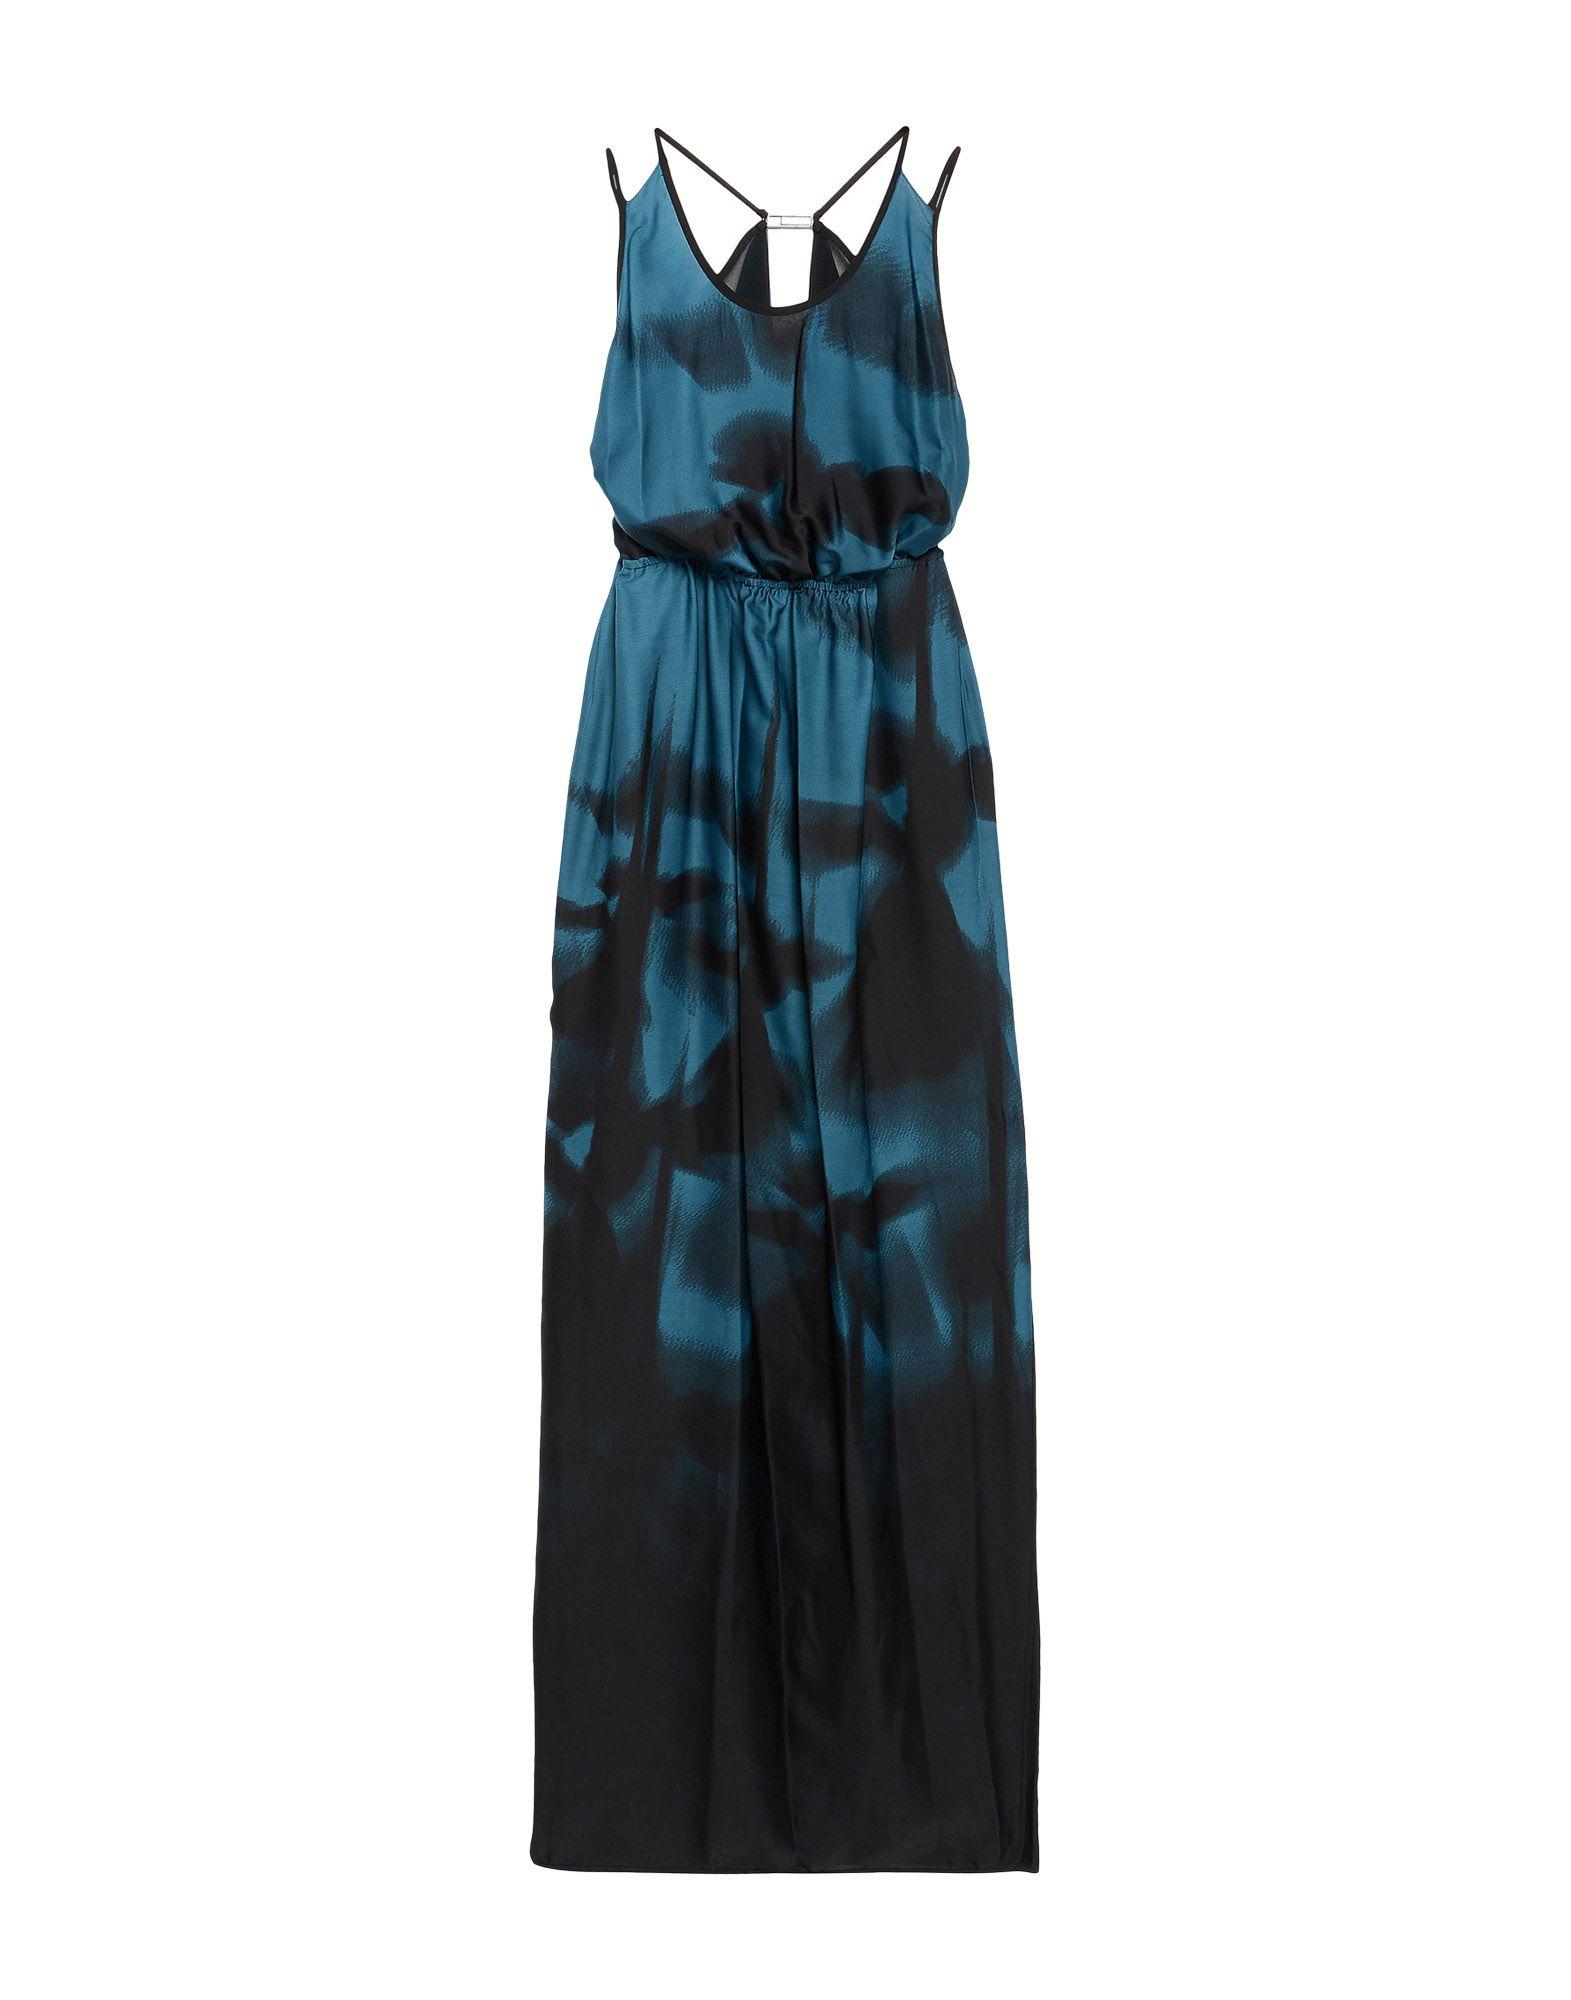 платье halston heritage платья и сарафаны мини короткие HALSTON HERITAGE Платье длиной 3/4